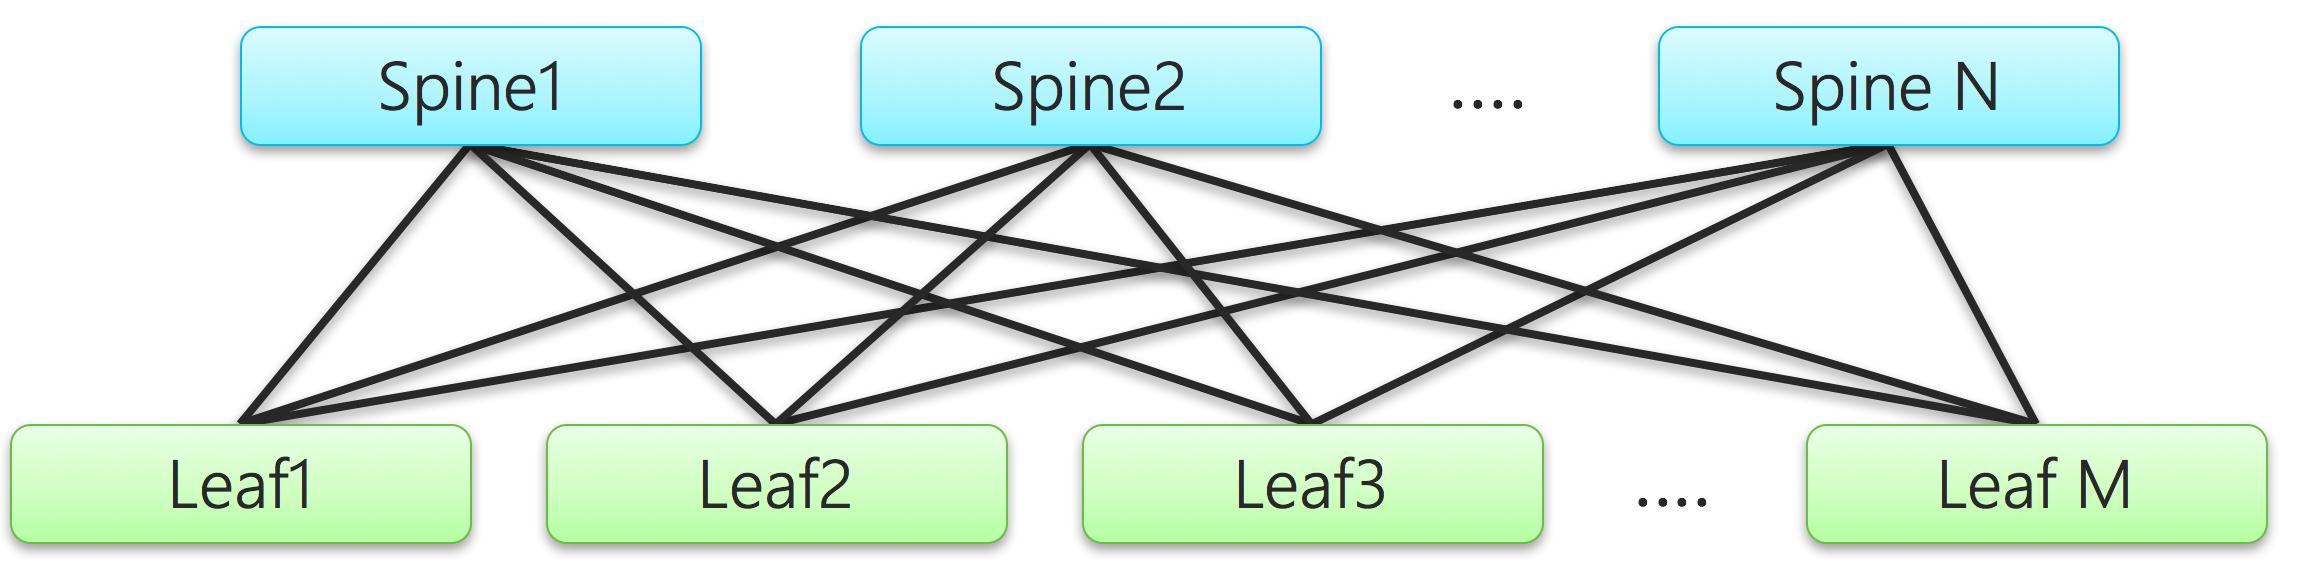 Leaf/SpineTopology